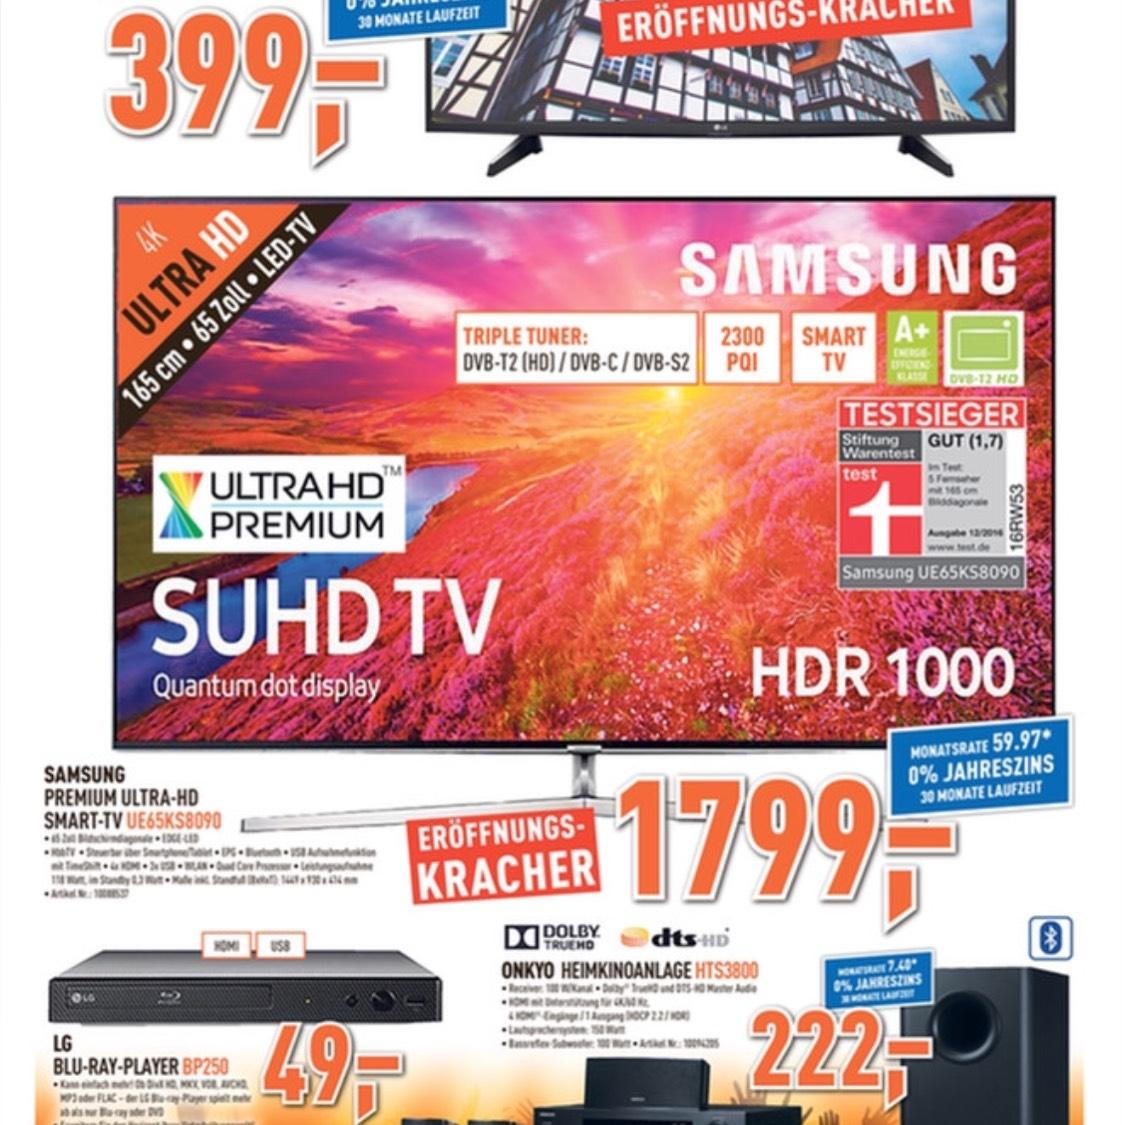 Samsung UE65KS8090 bei Berlet Soest für 1799€